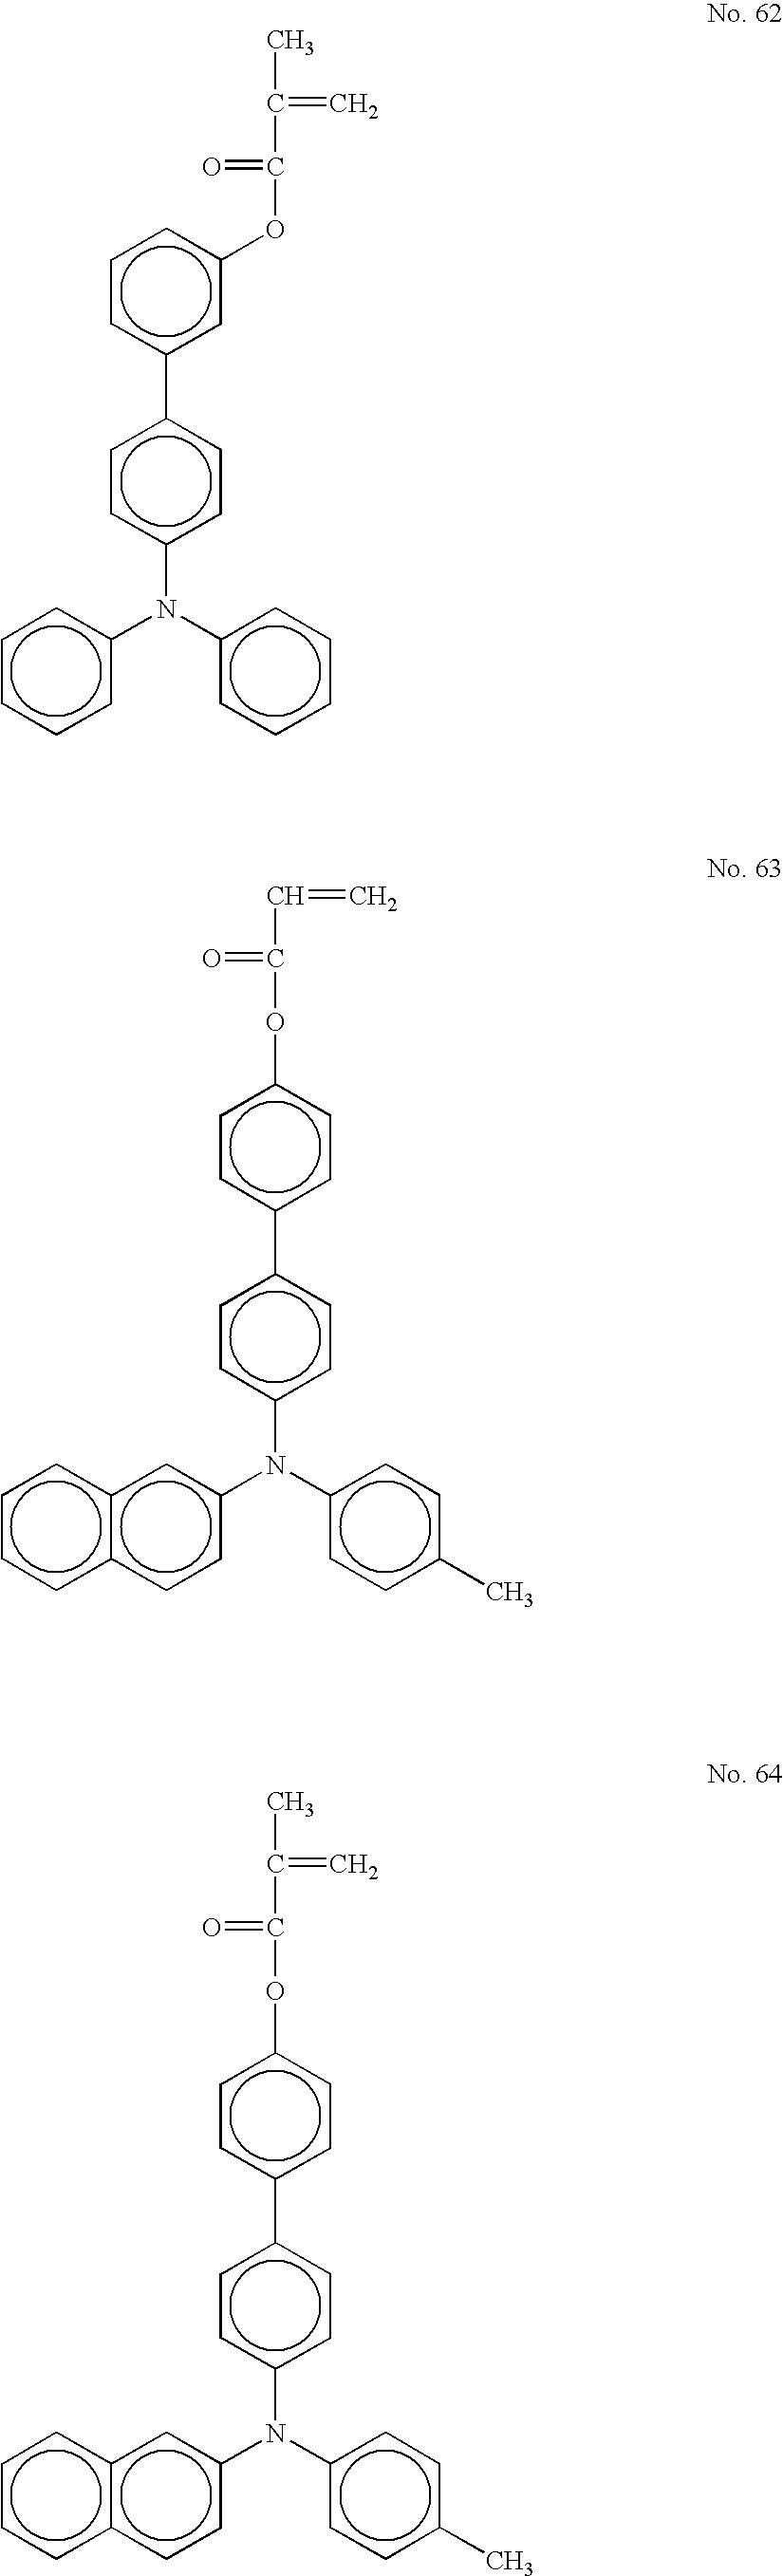 Figure US20060177749A1-20060810-C00037